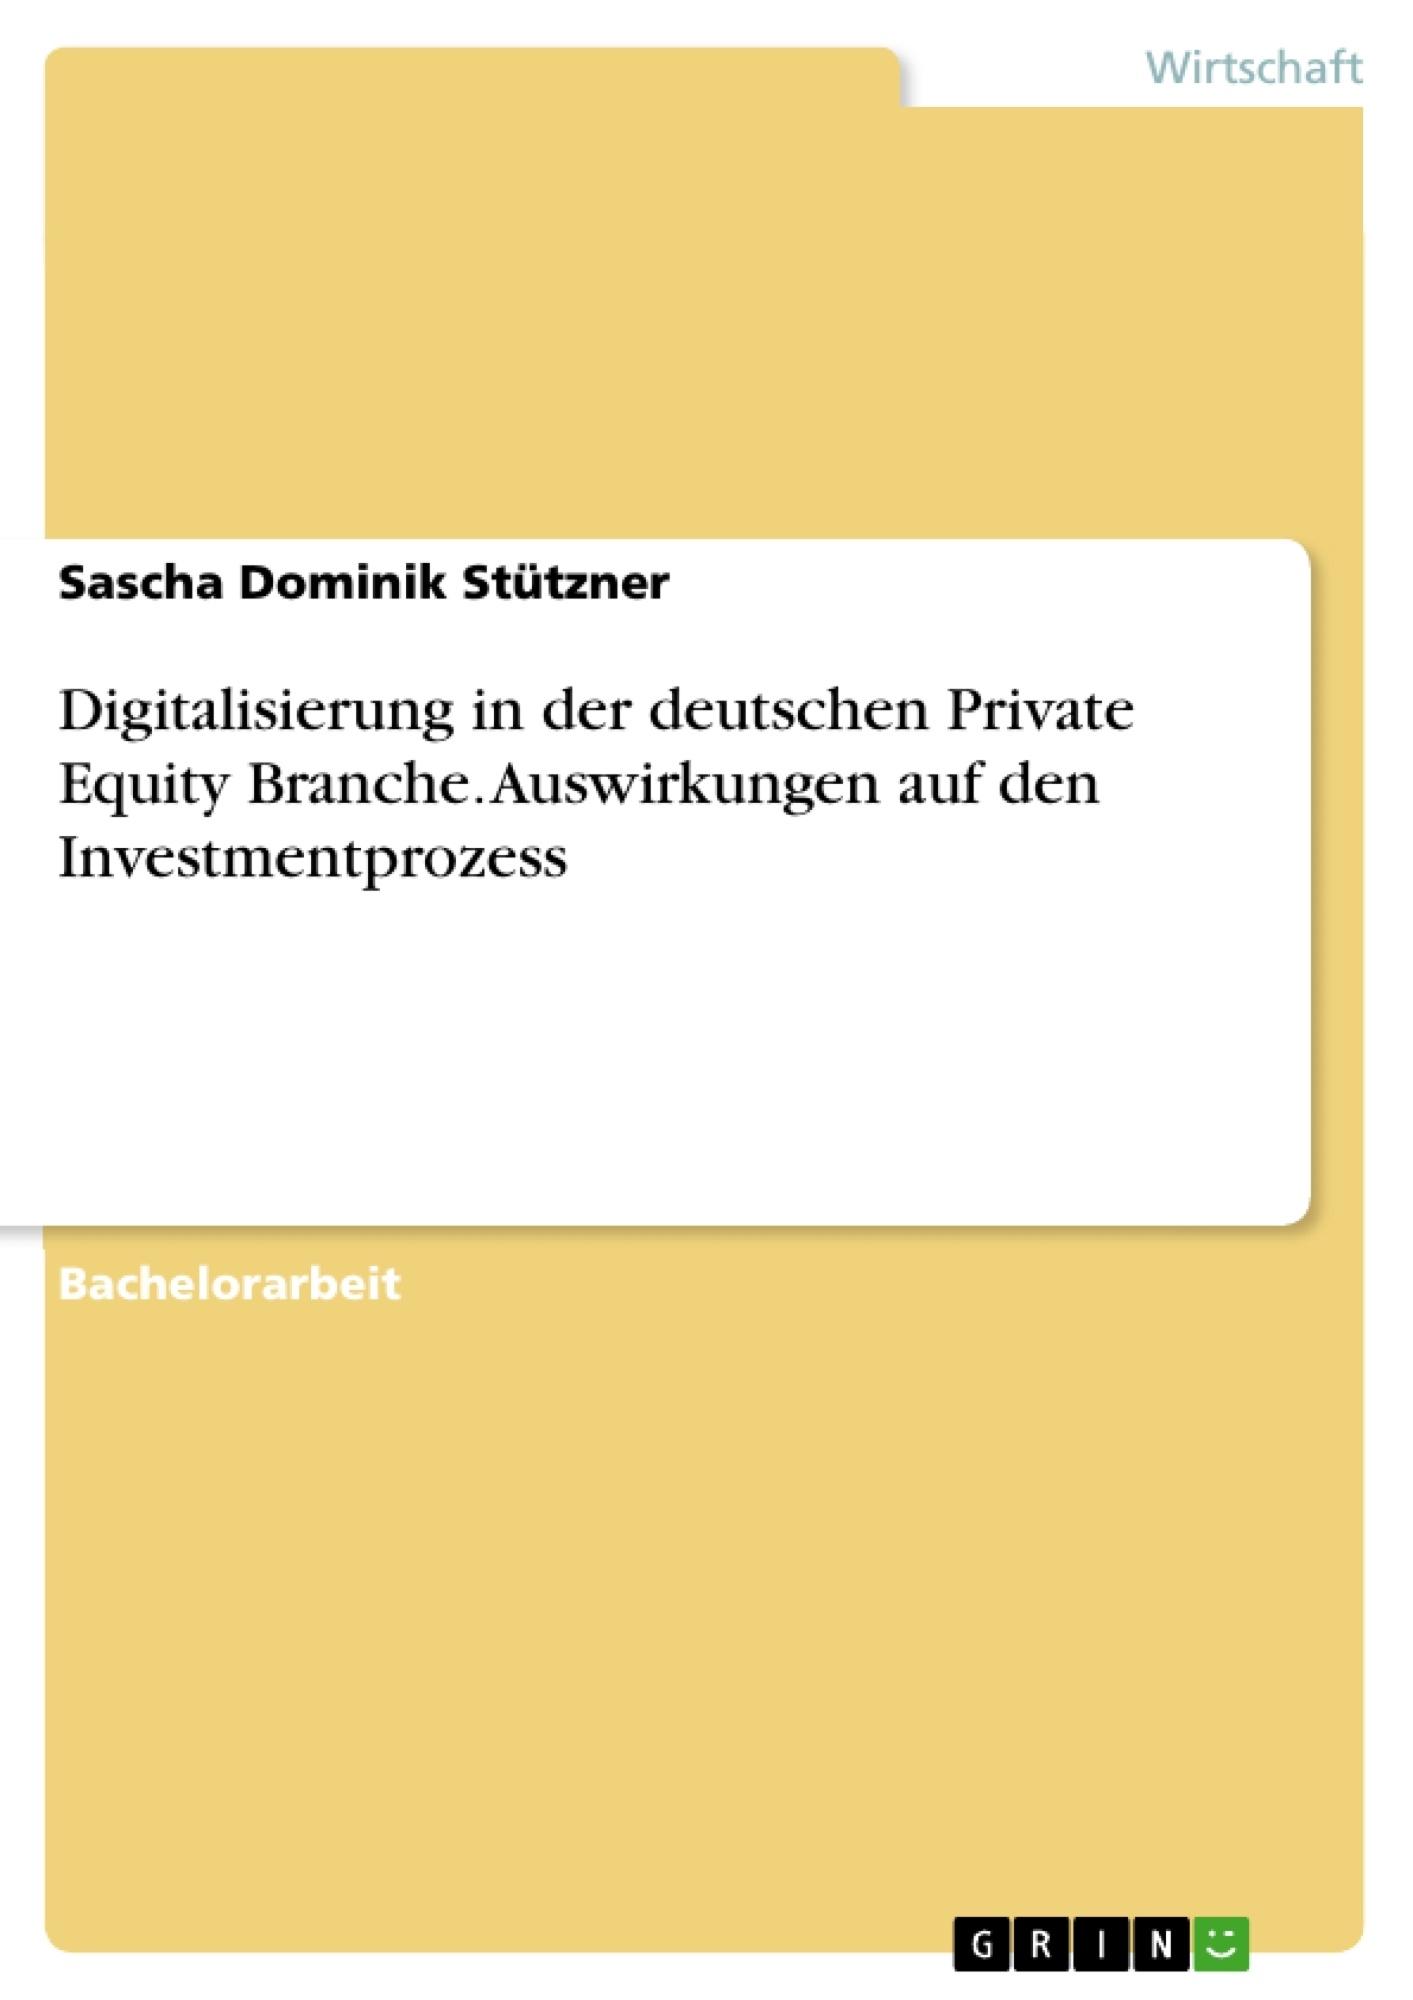 Titel: Digitalisierung in der deutschen Private Equity Branche. Auswirkungen auf den Investmentprozess